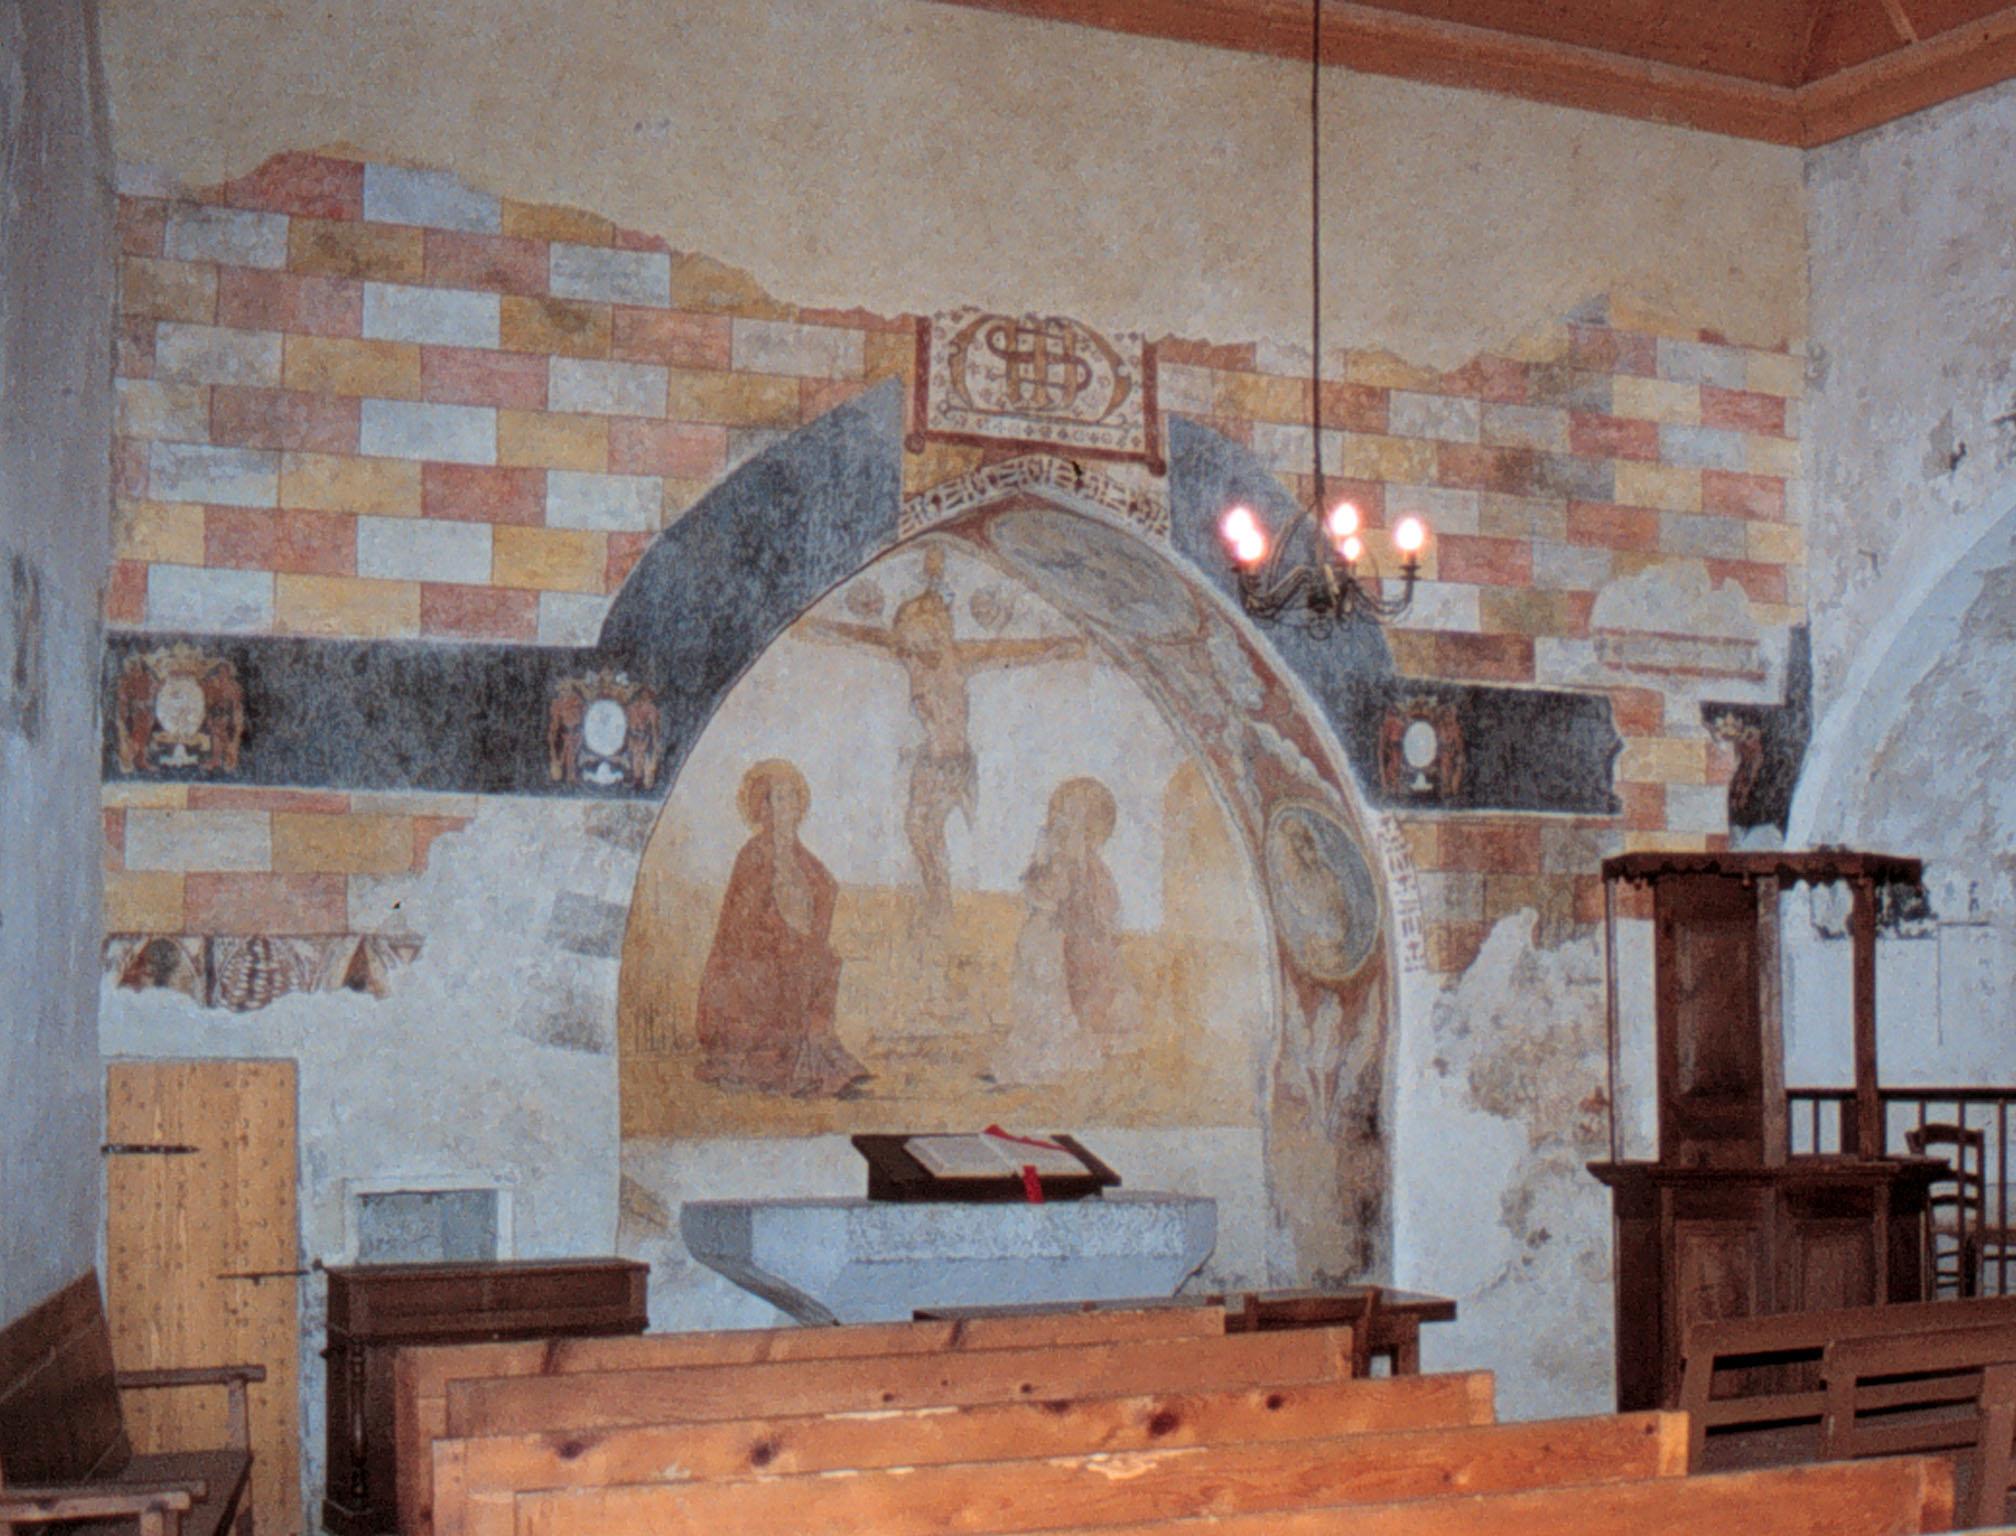 Restauration des fresques du temple de Pontaix (Drôme)